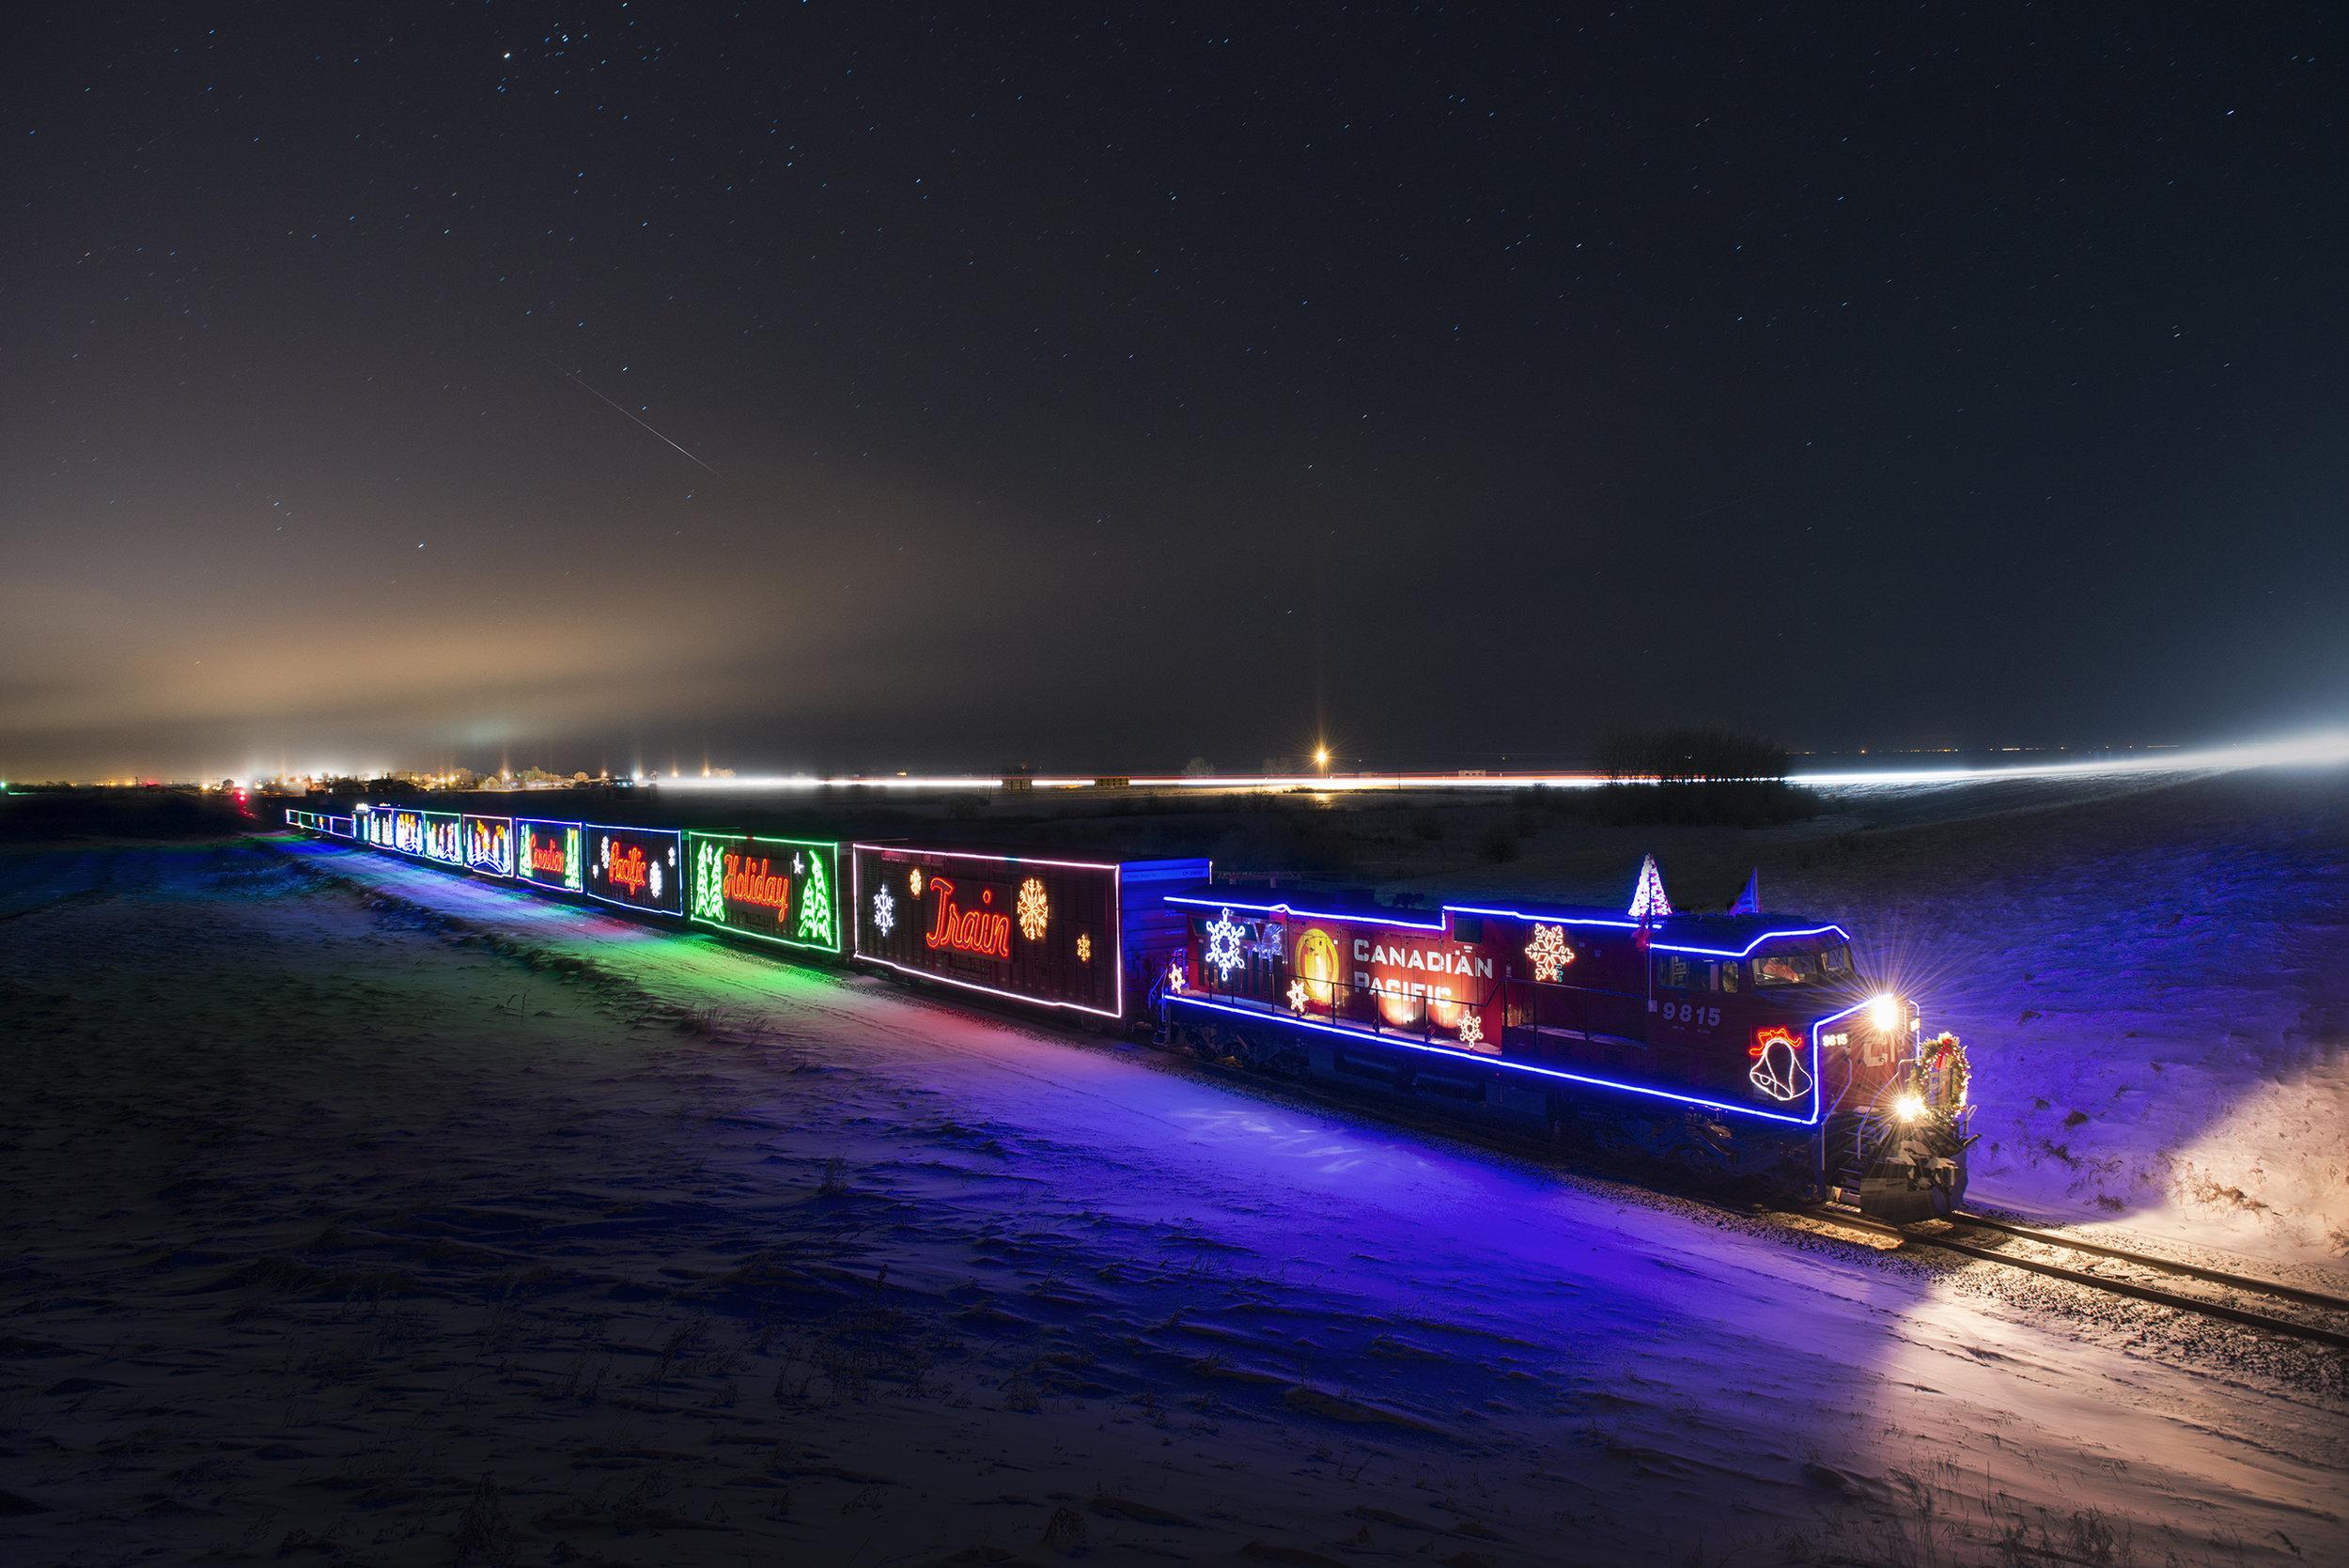 holiday-train-1